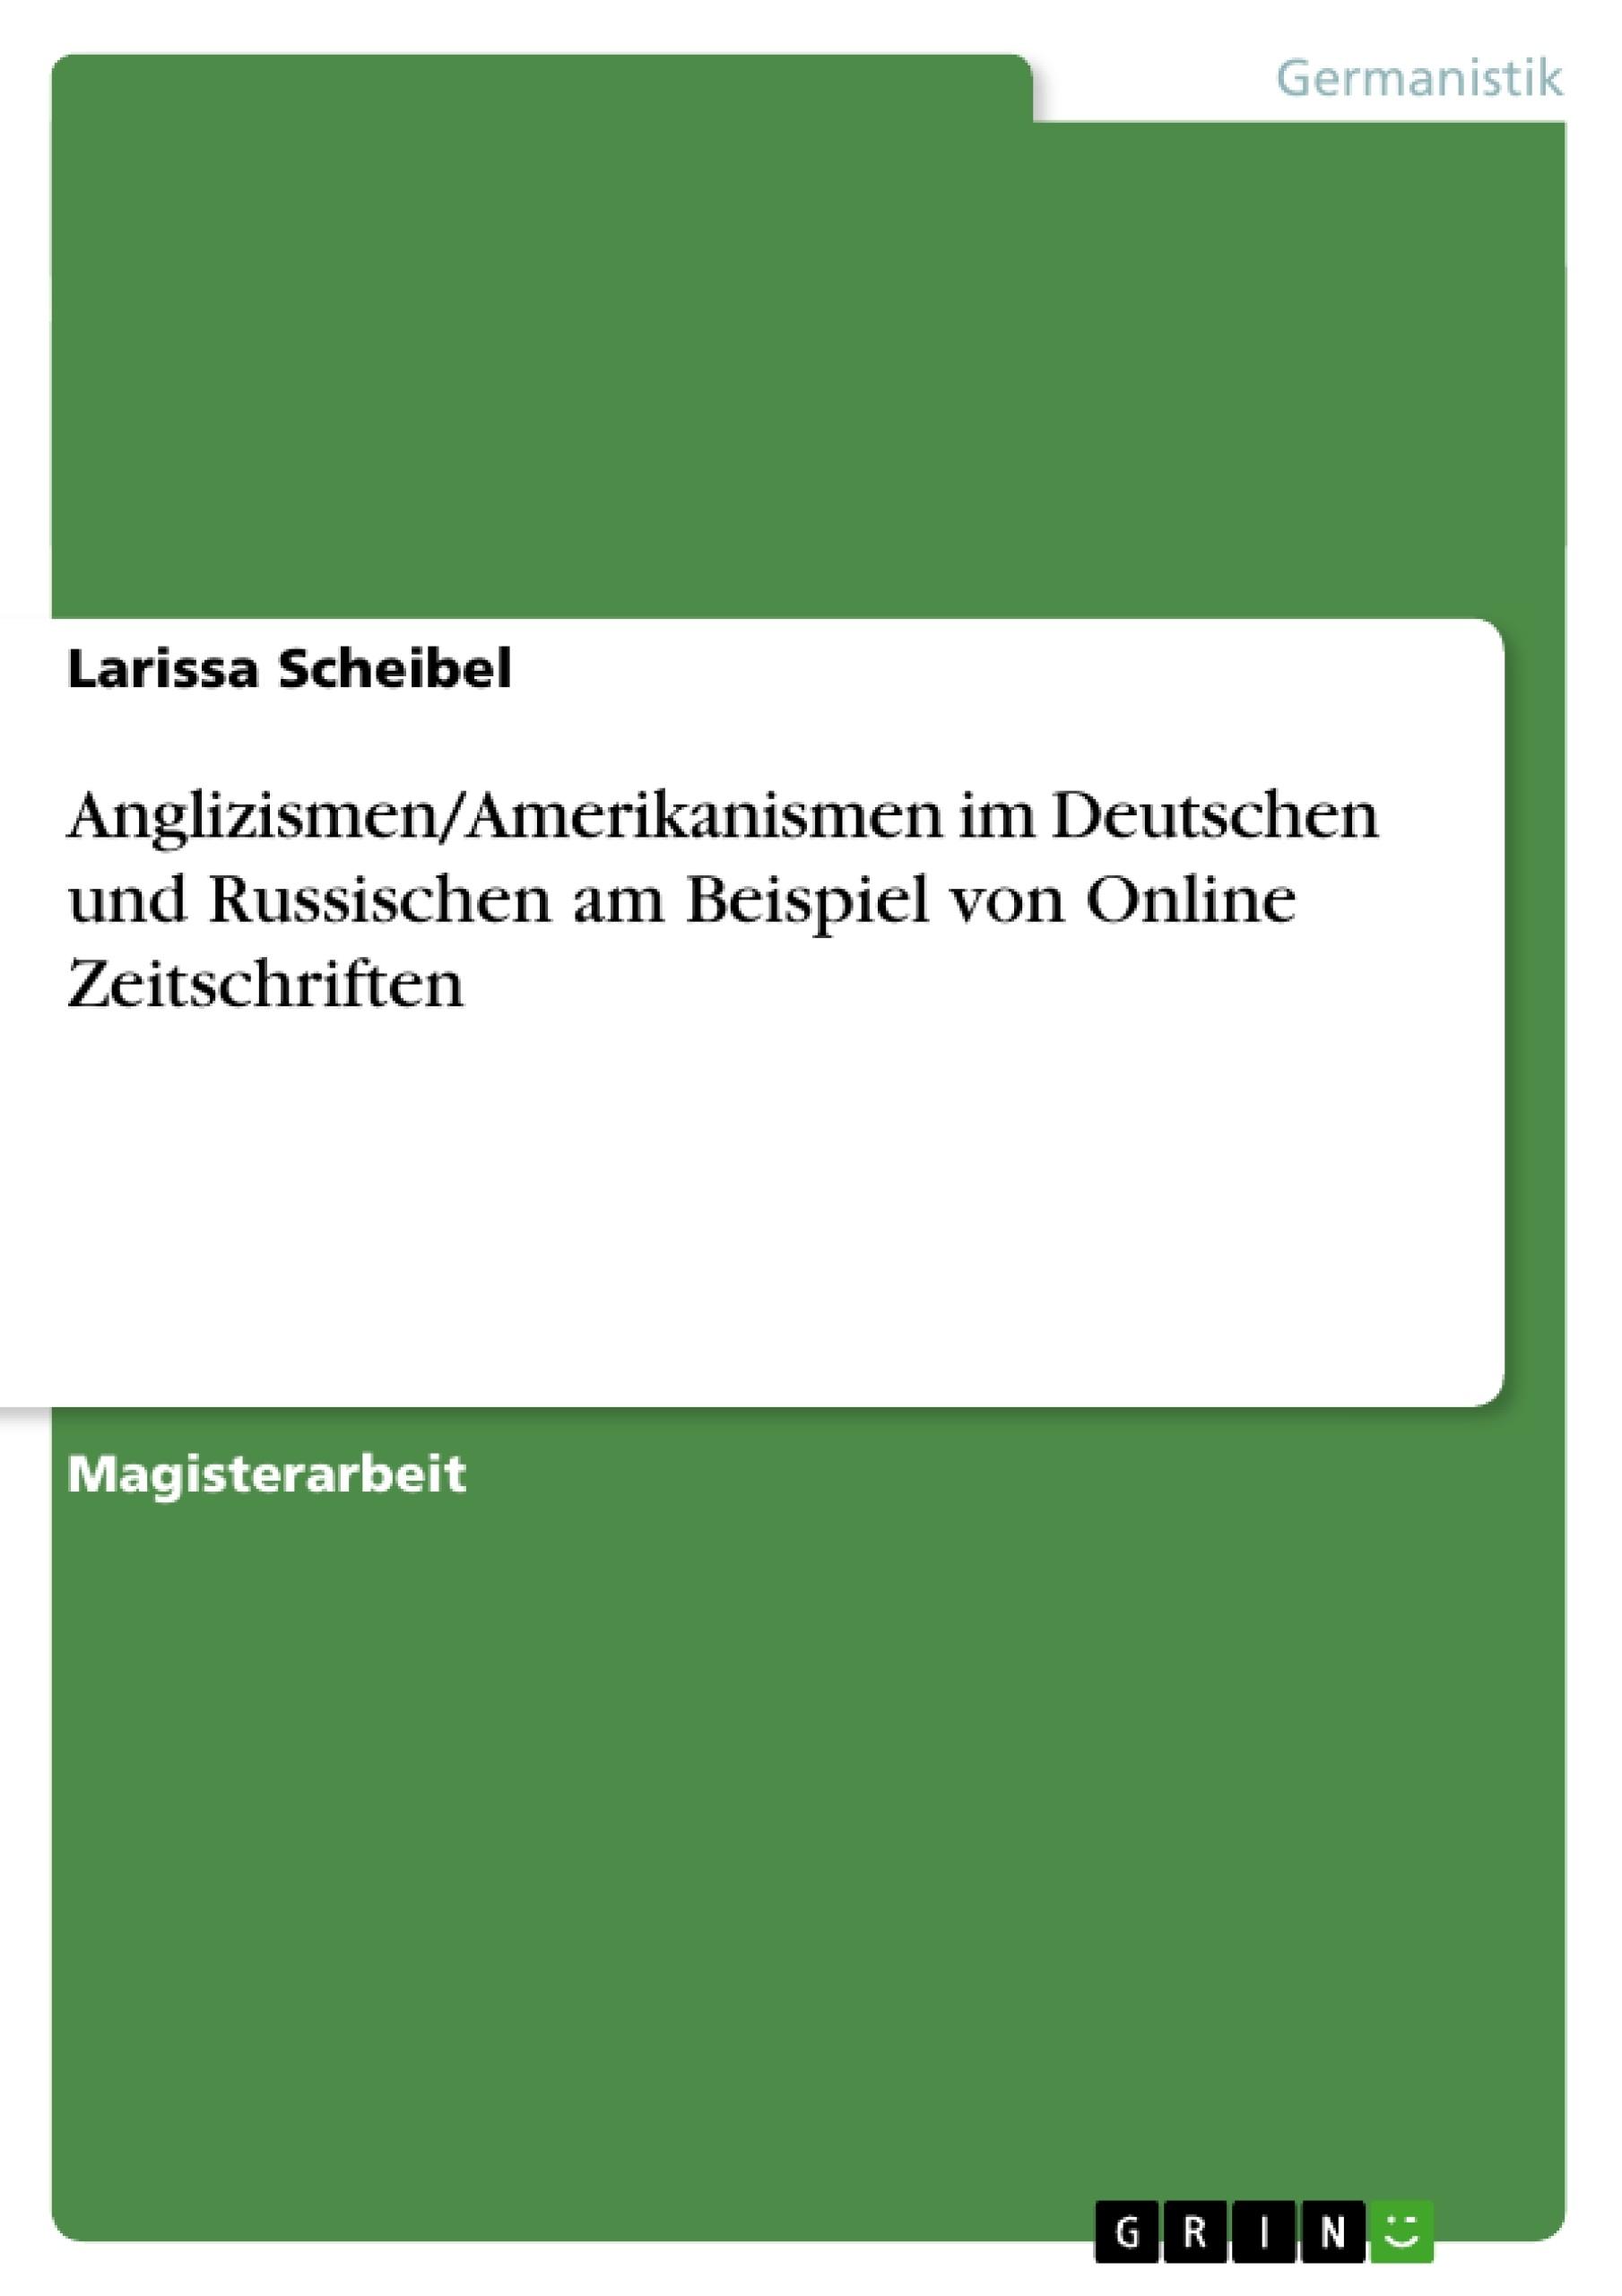 Titel: Anglizismen/Amerikanismen im Deutschen und Russischen am Beispiel von Online Zeitschriften